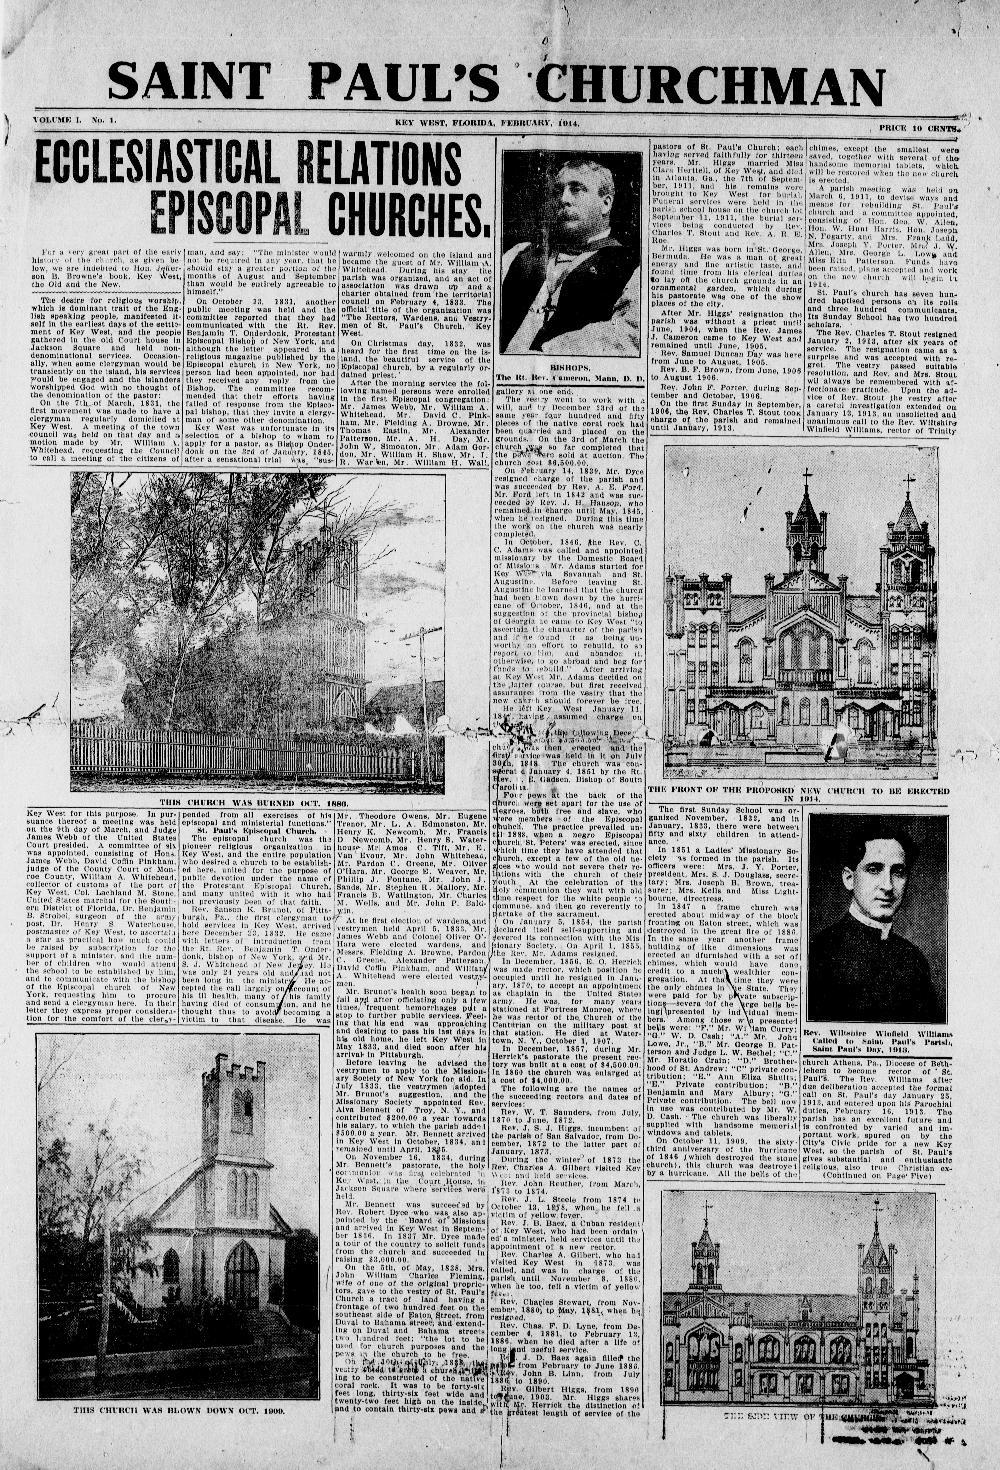 Saint Paul's Churchman - Page 1